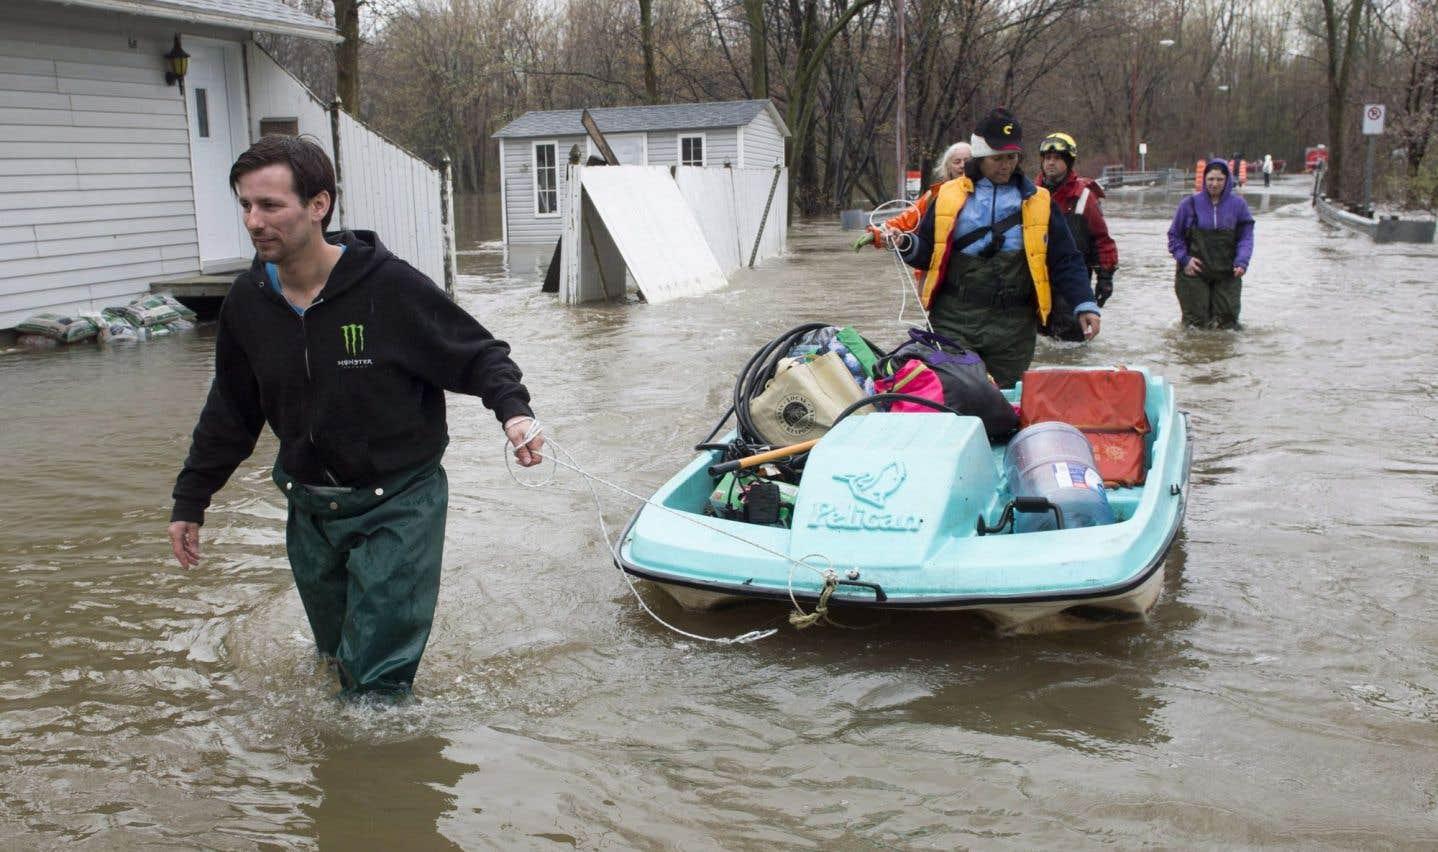 Les citoyens de l'île Bizard, au nord-ouest de Montréal, sont inondés